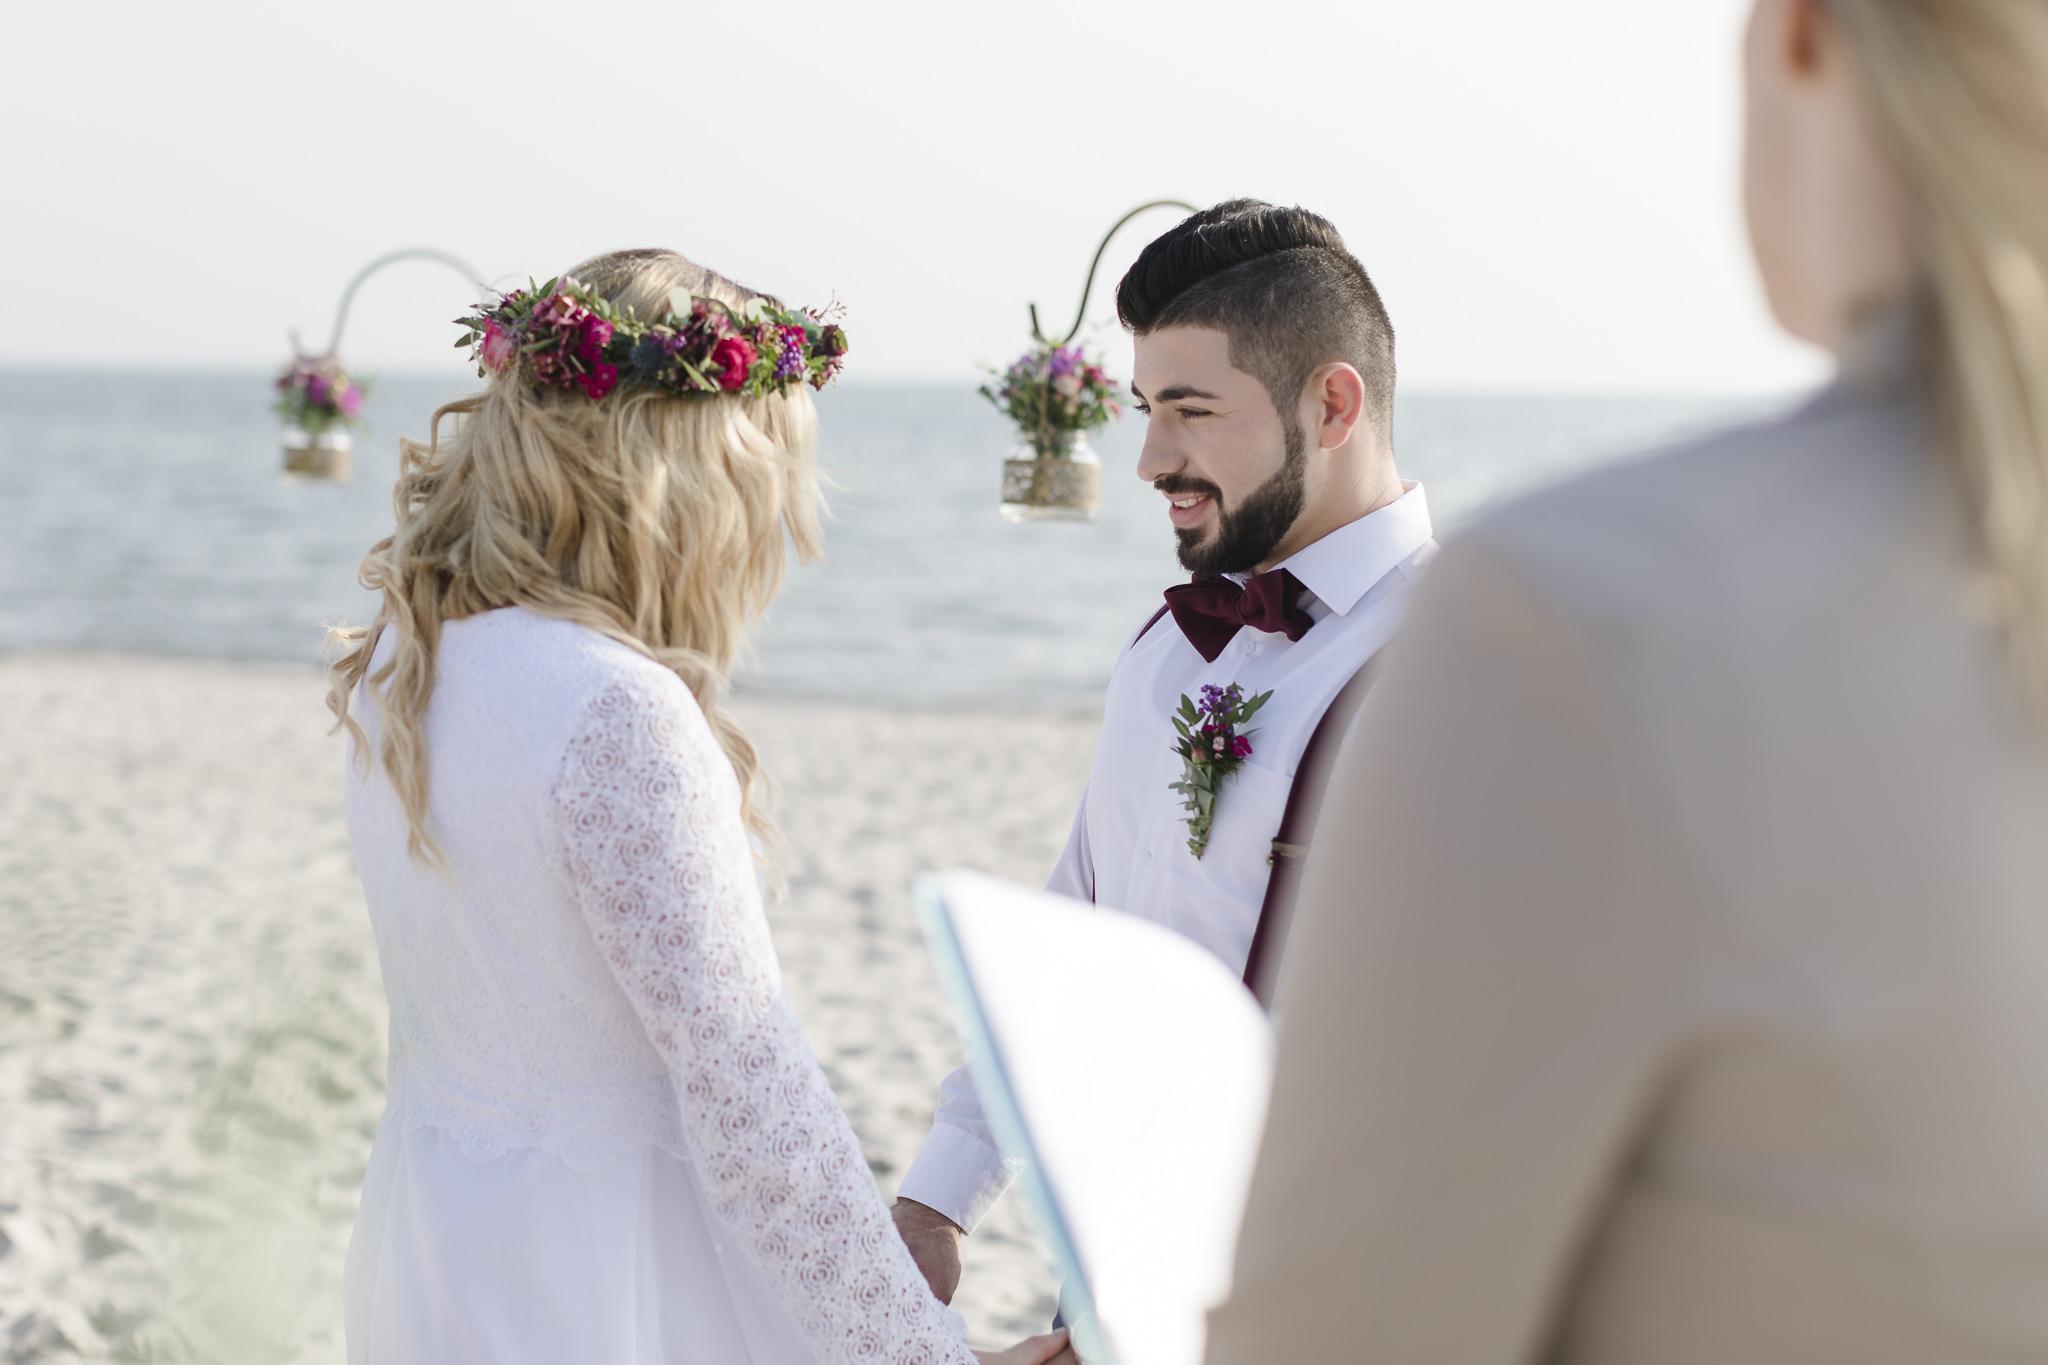 die Trauung persönlich gestalten - das Brautpaar gibt sich das Eheversprechen